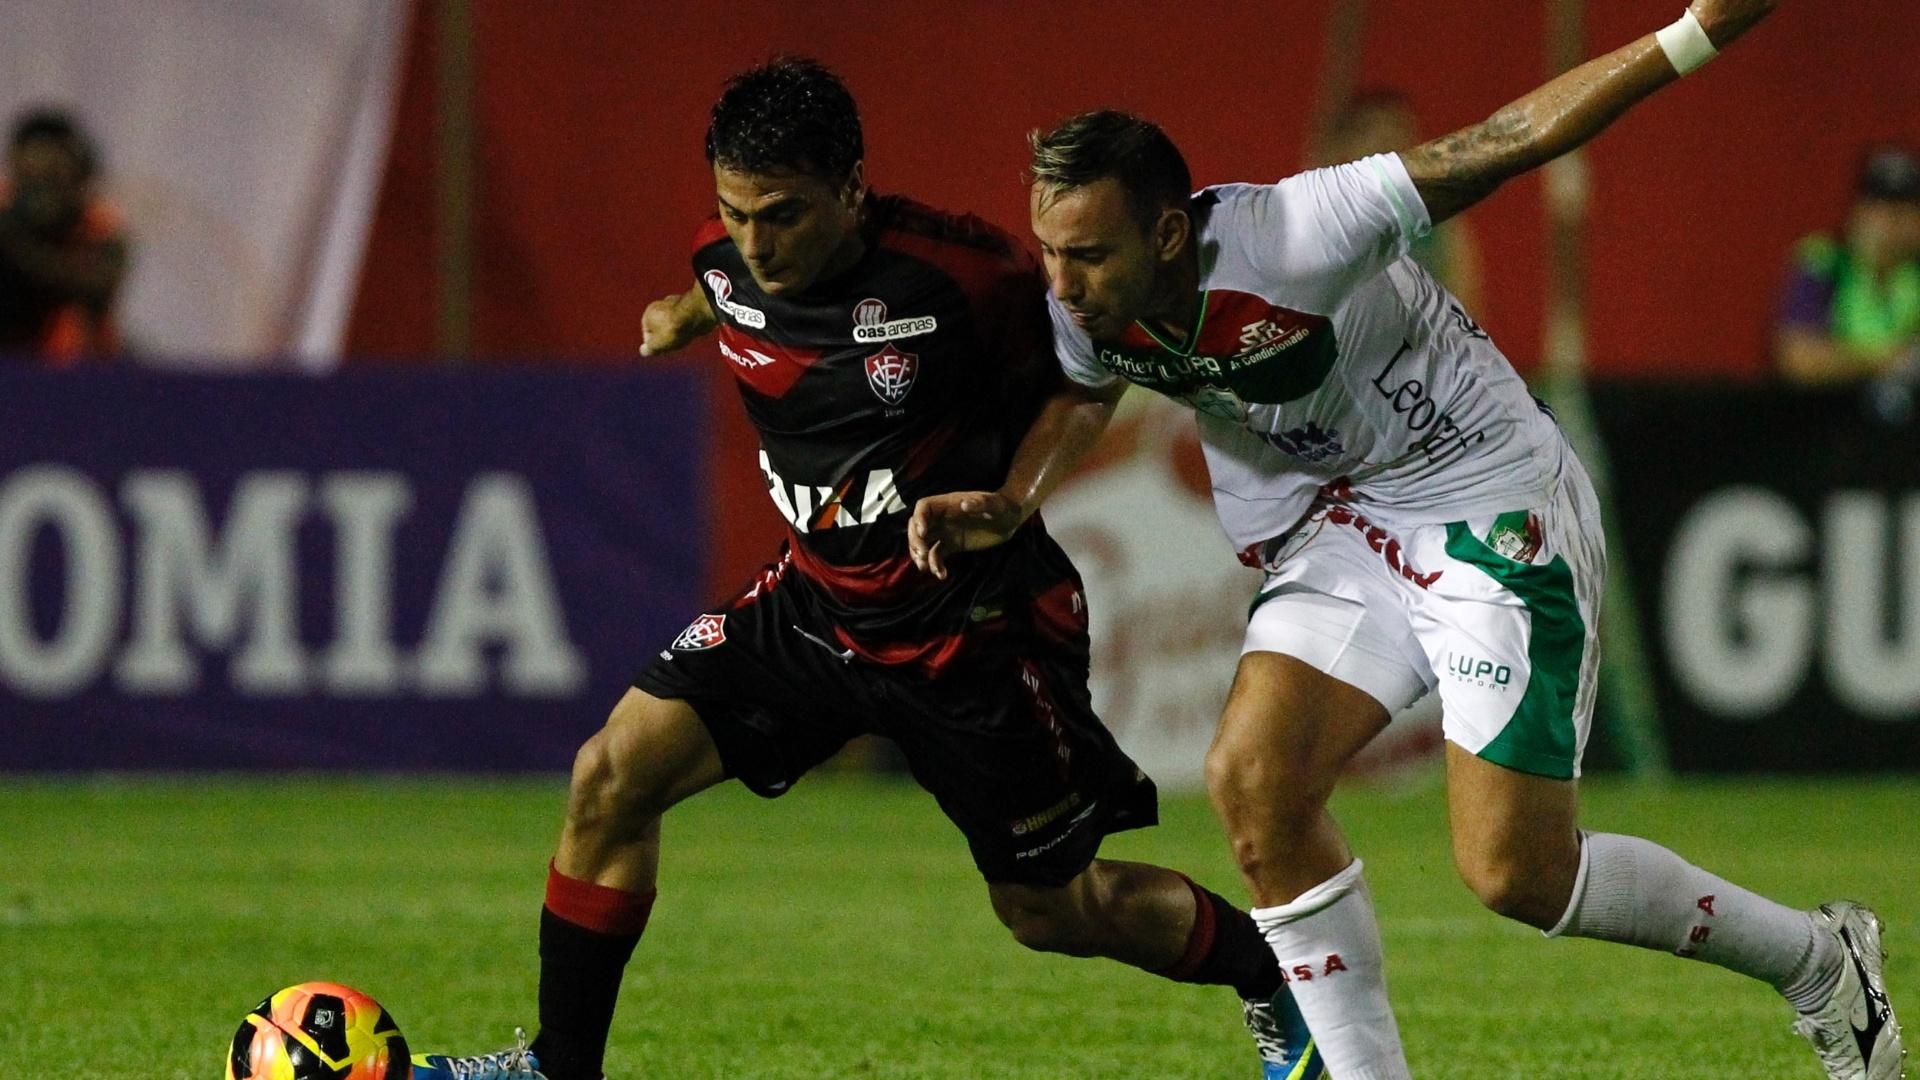 04/08/2013 - Maxi Biancucchi, atacante do Vitória, disputa a bola com Cañete, da Portuguesa, em jogo pelo Campeonato Brasileiro